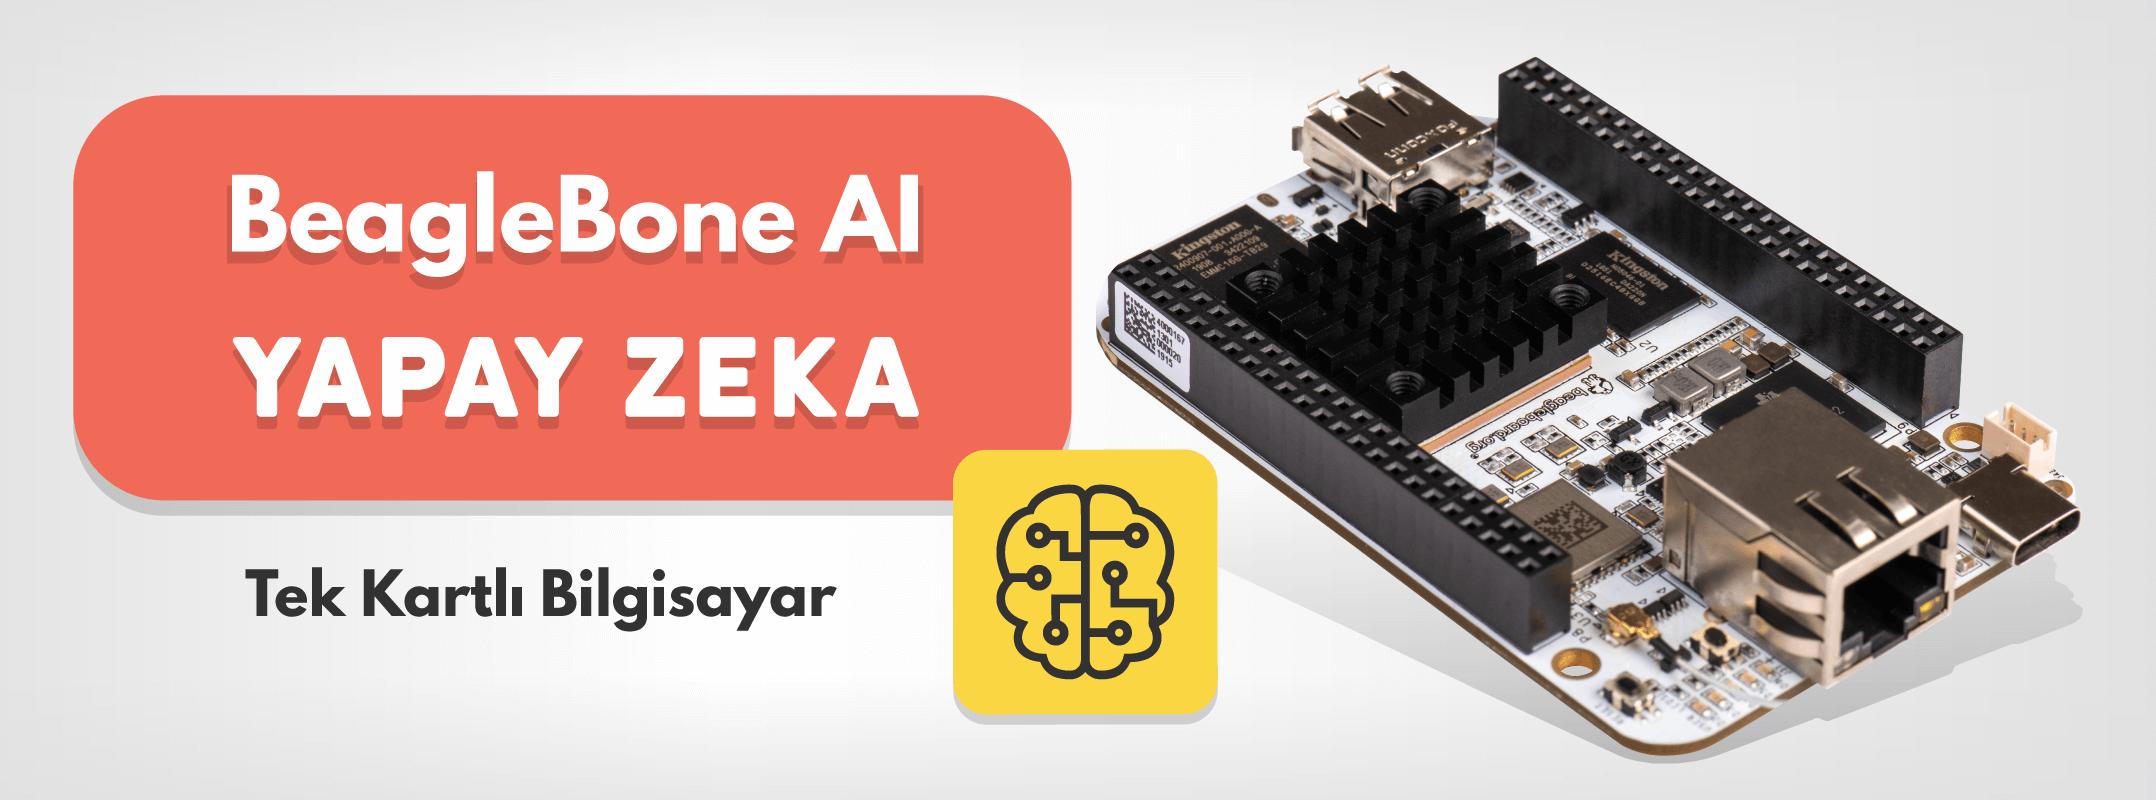 BeagleBone AI | Yapay Zeka Tek Kartlı Bilgisayar